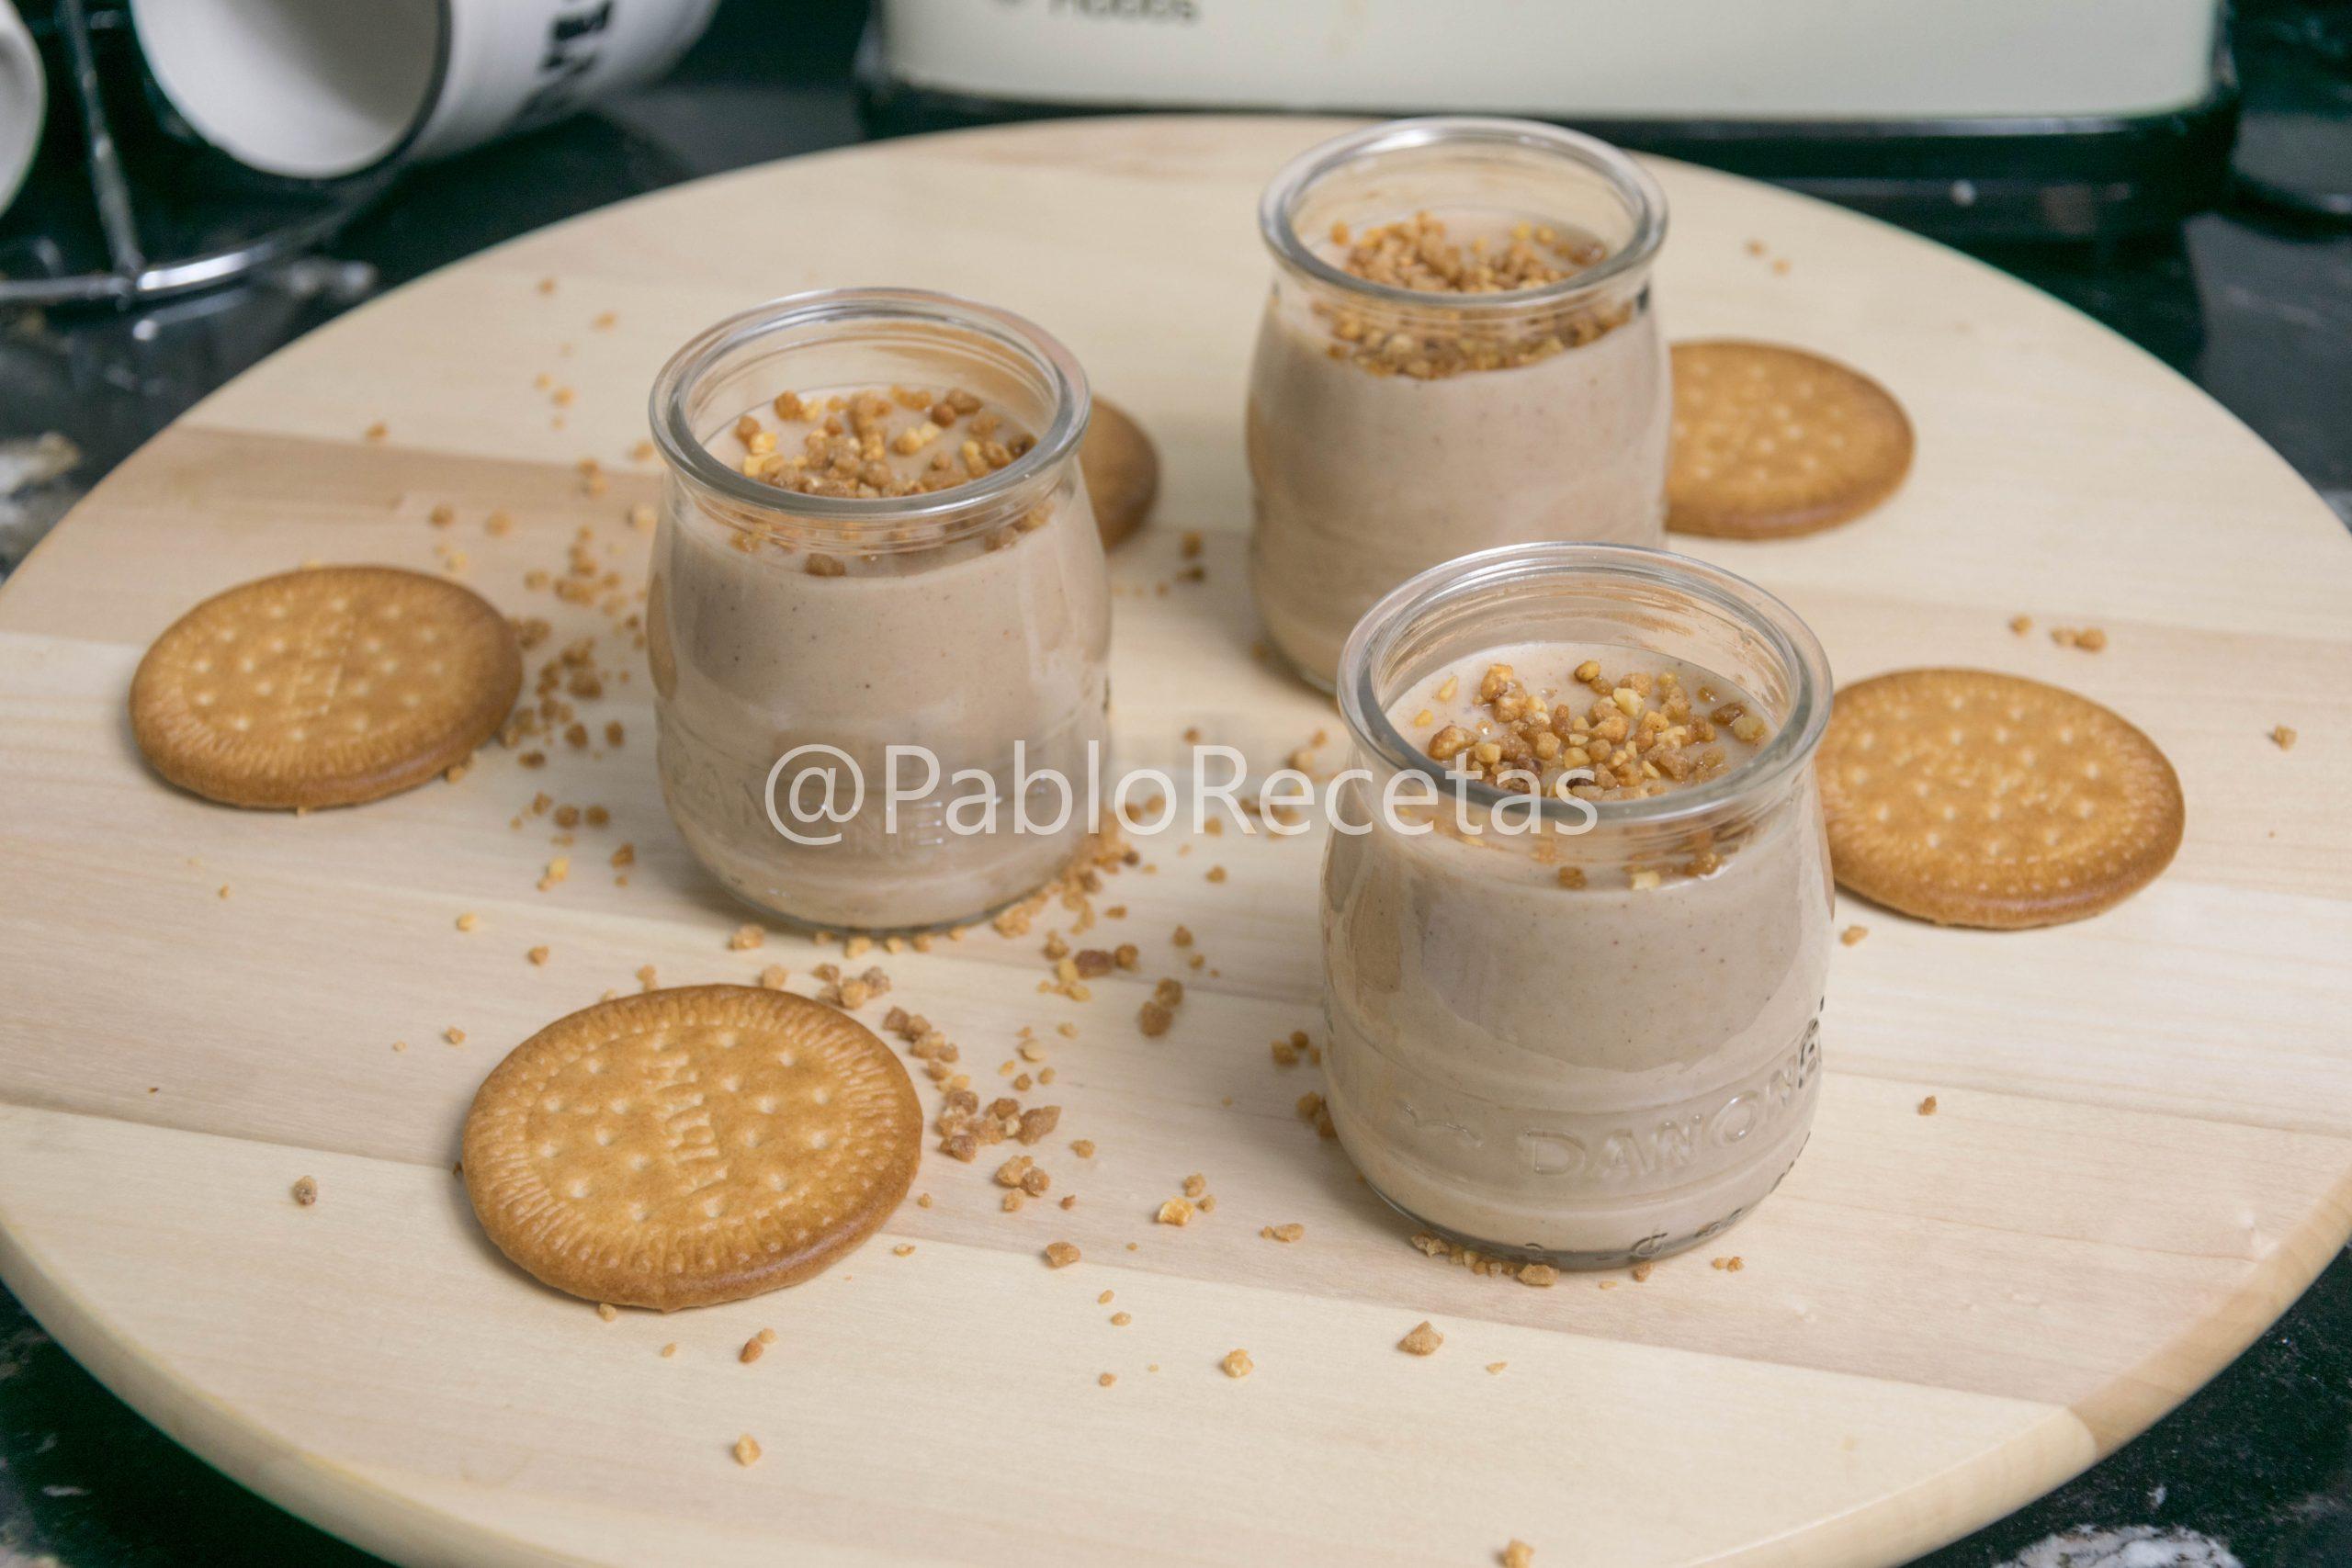 Crema de galletas.